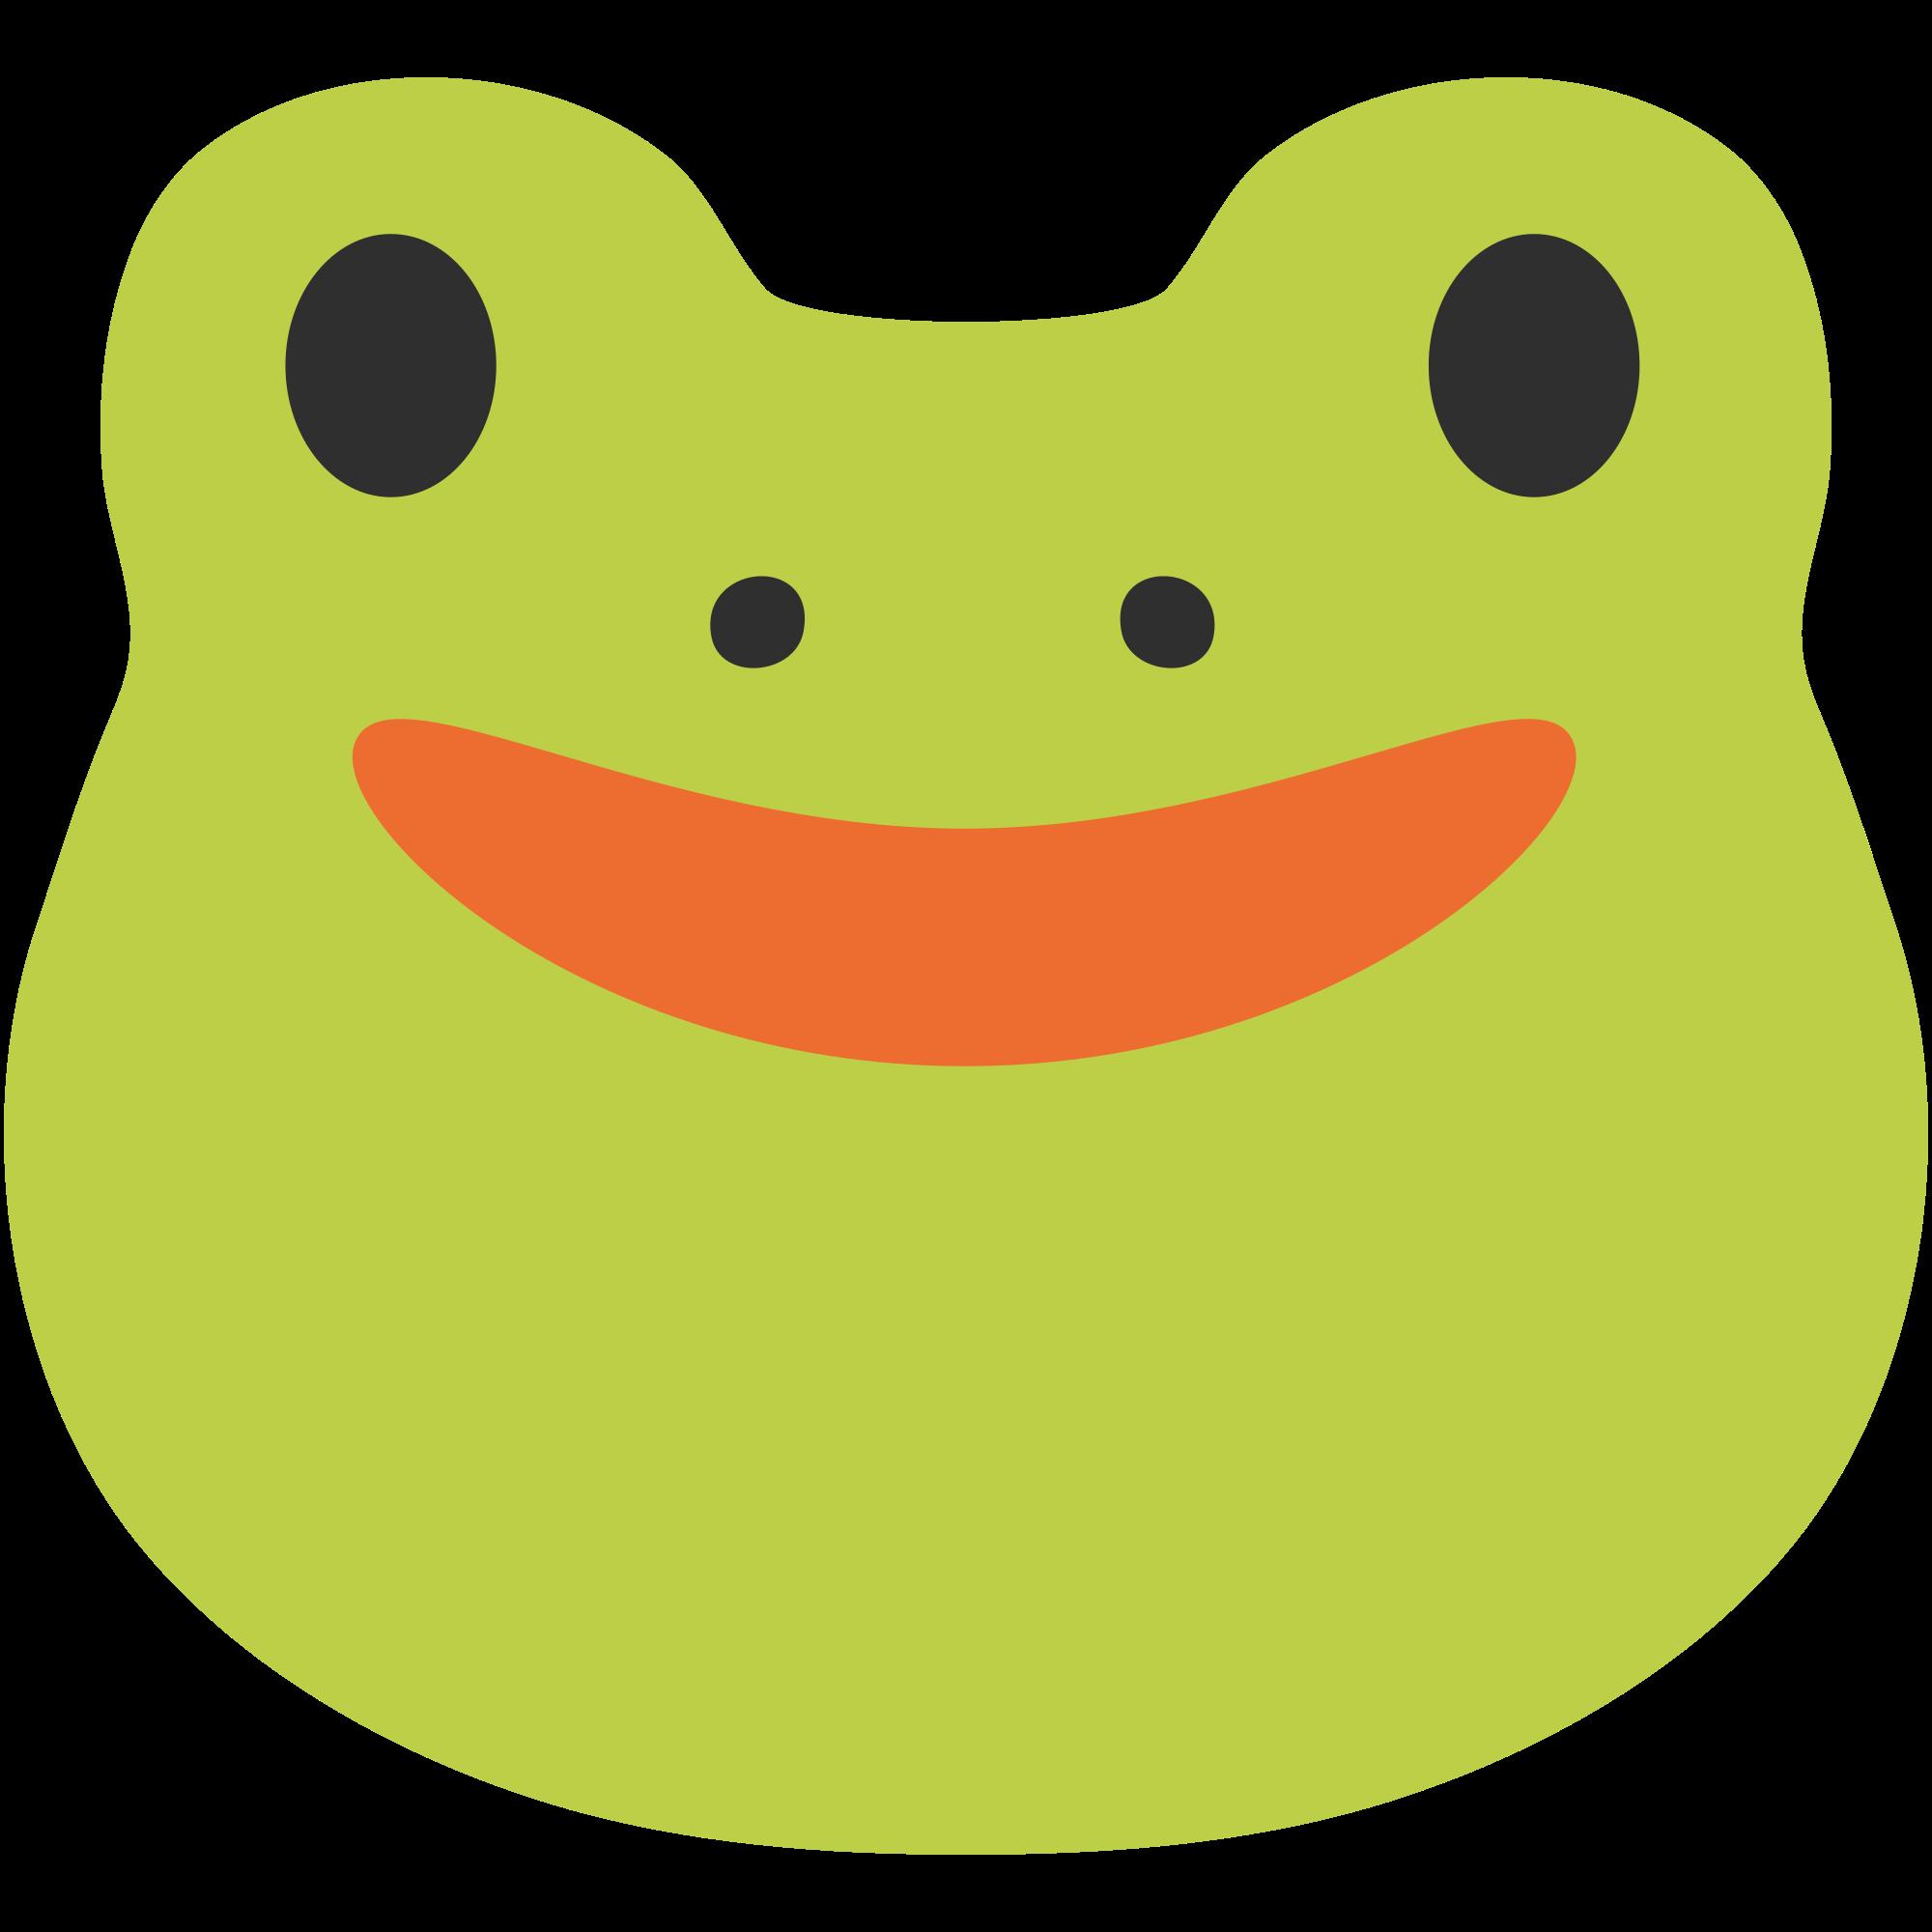 Emoji clipart frog. File u f svg